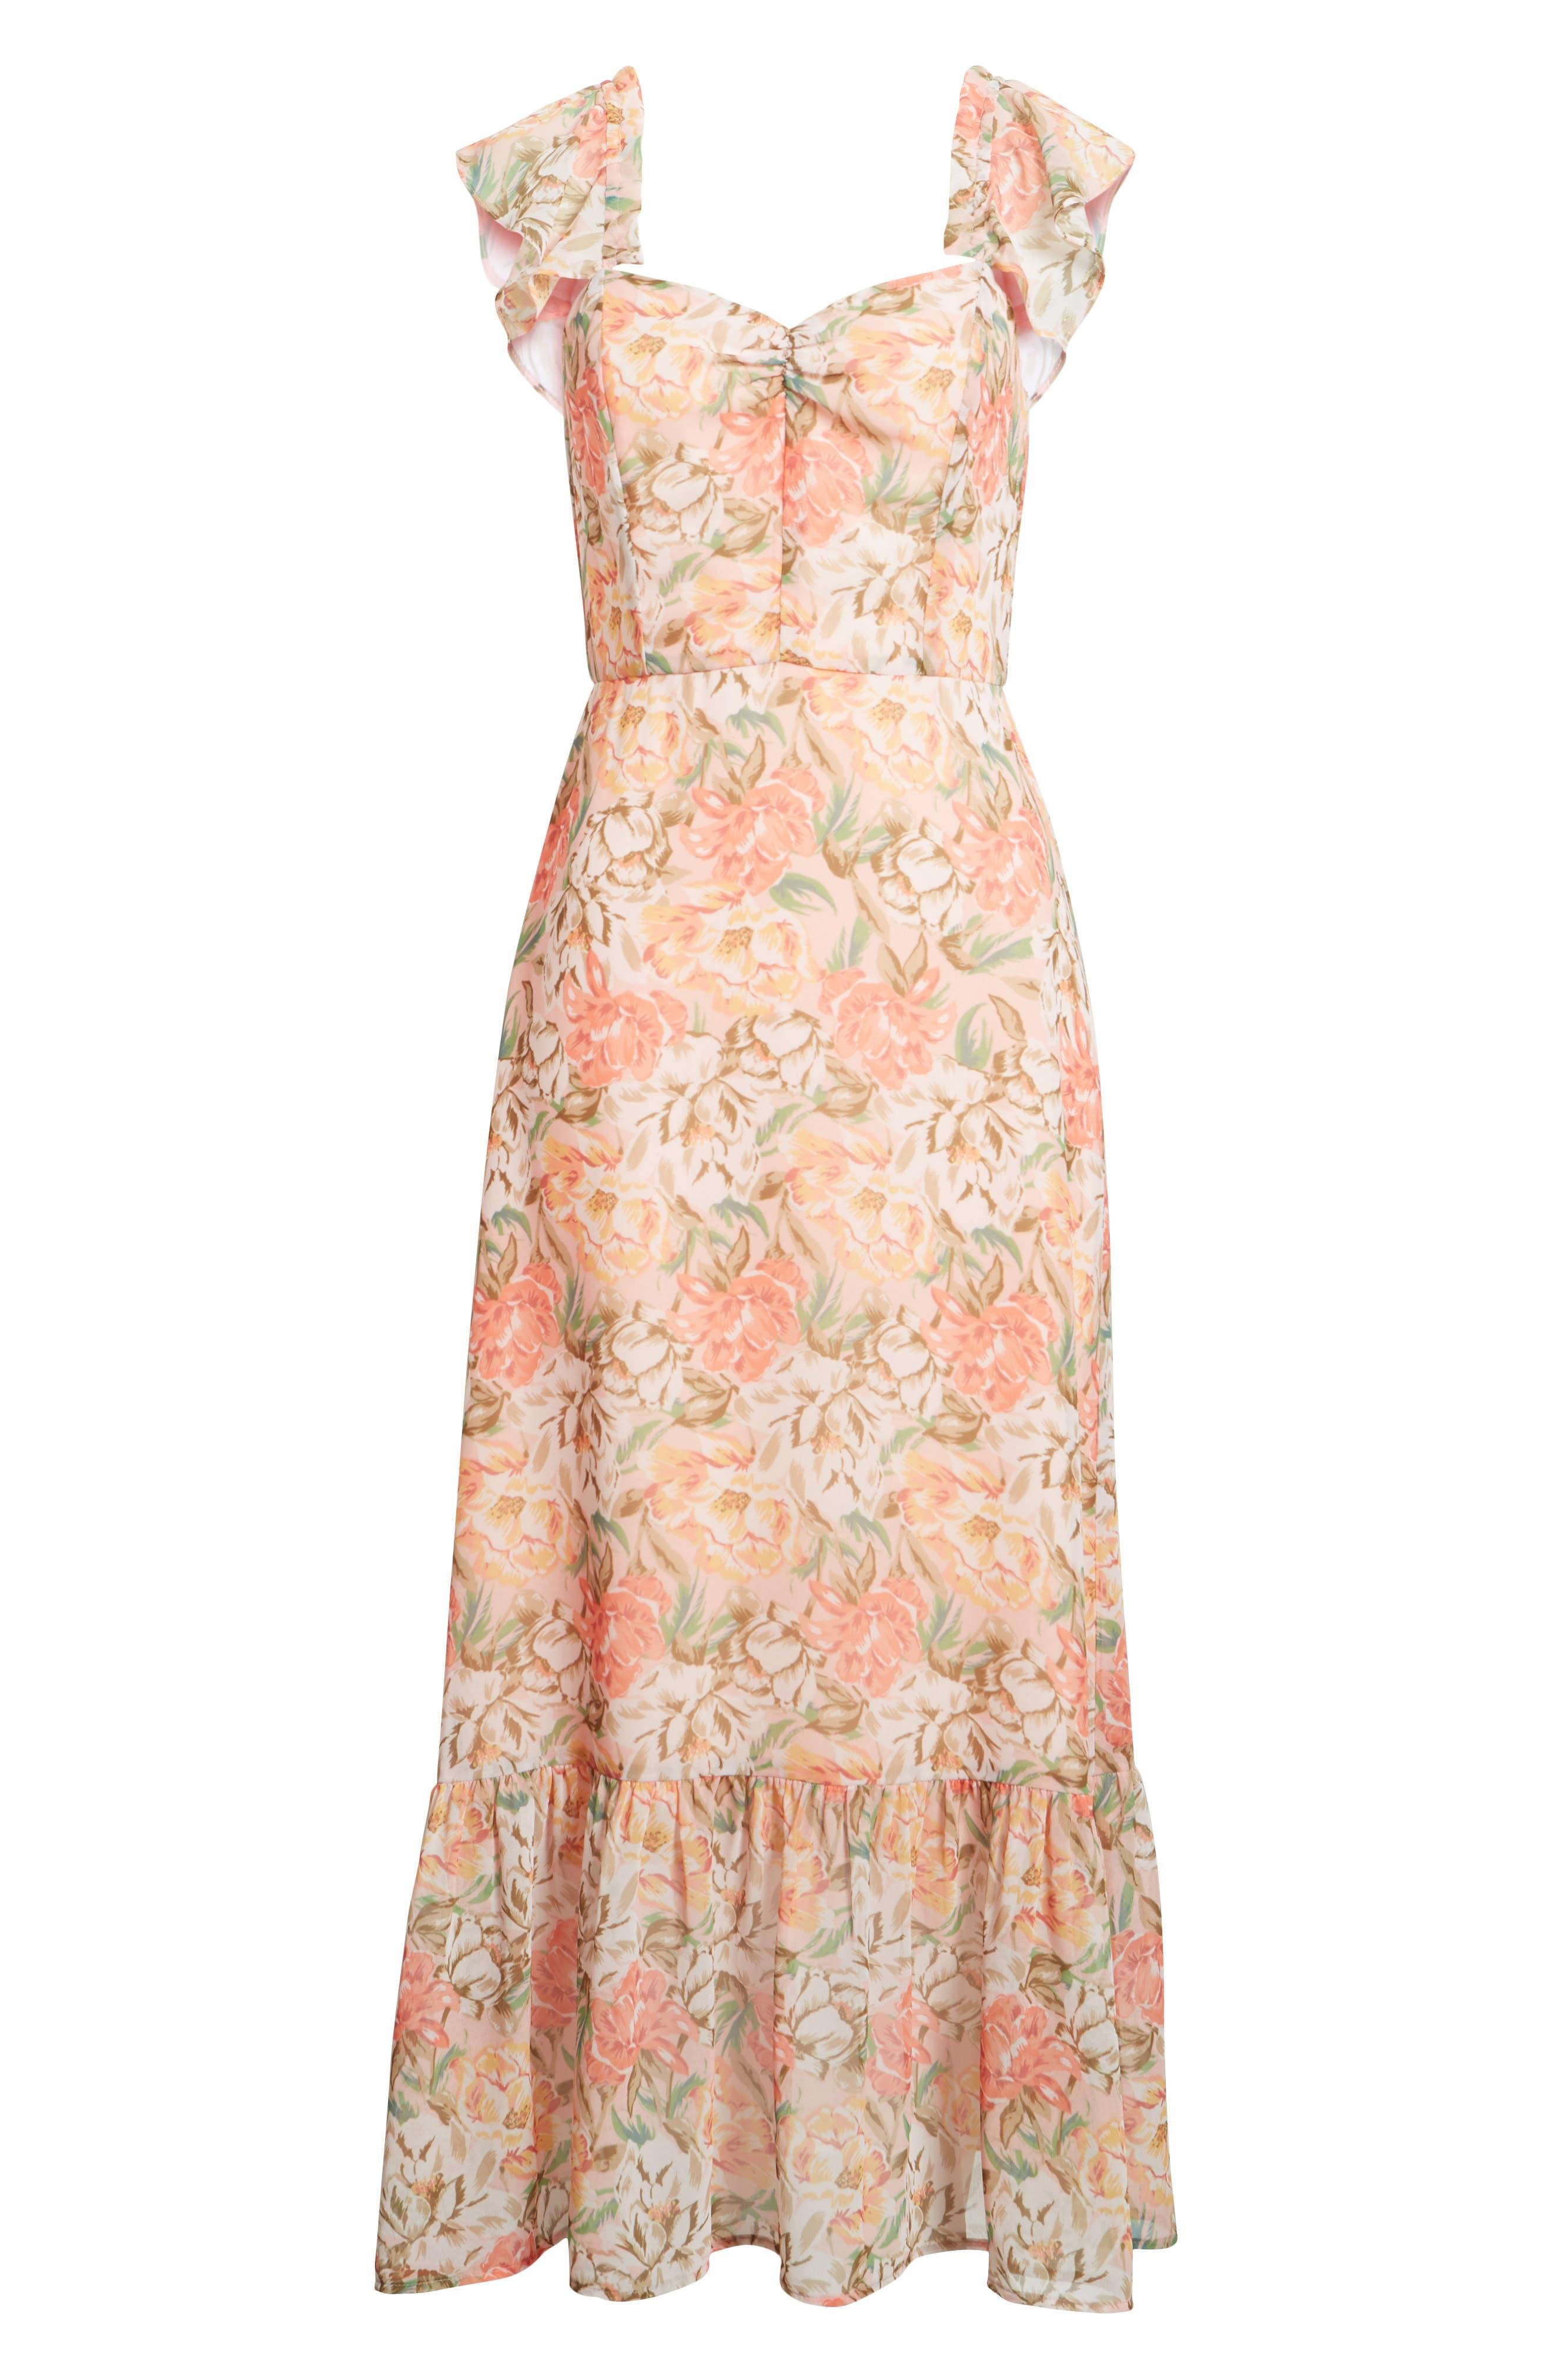 Valerie Blouson Midi Dress,                             Alternate thumbnail 8, color,                             Coral Floral